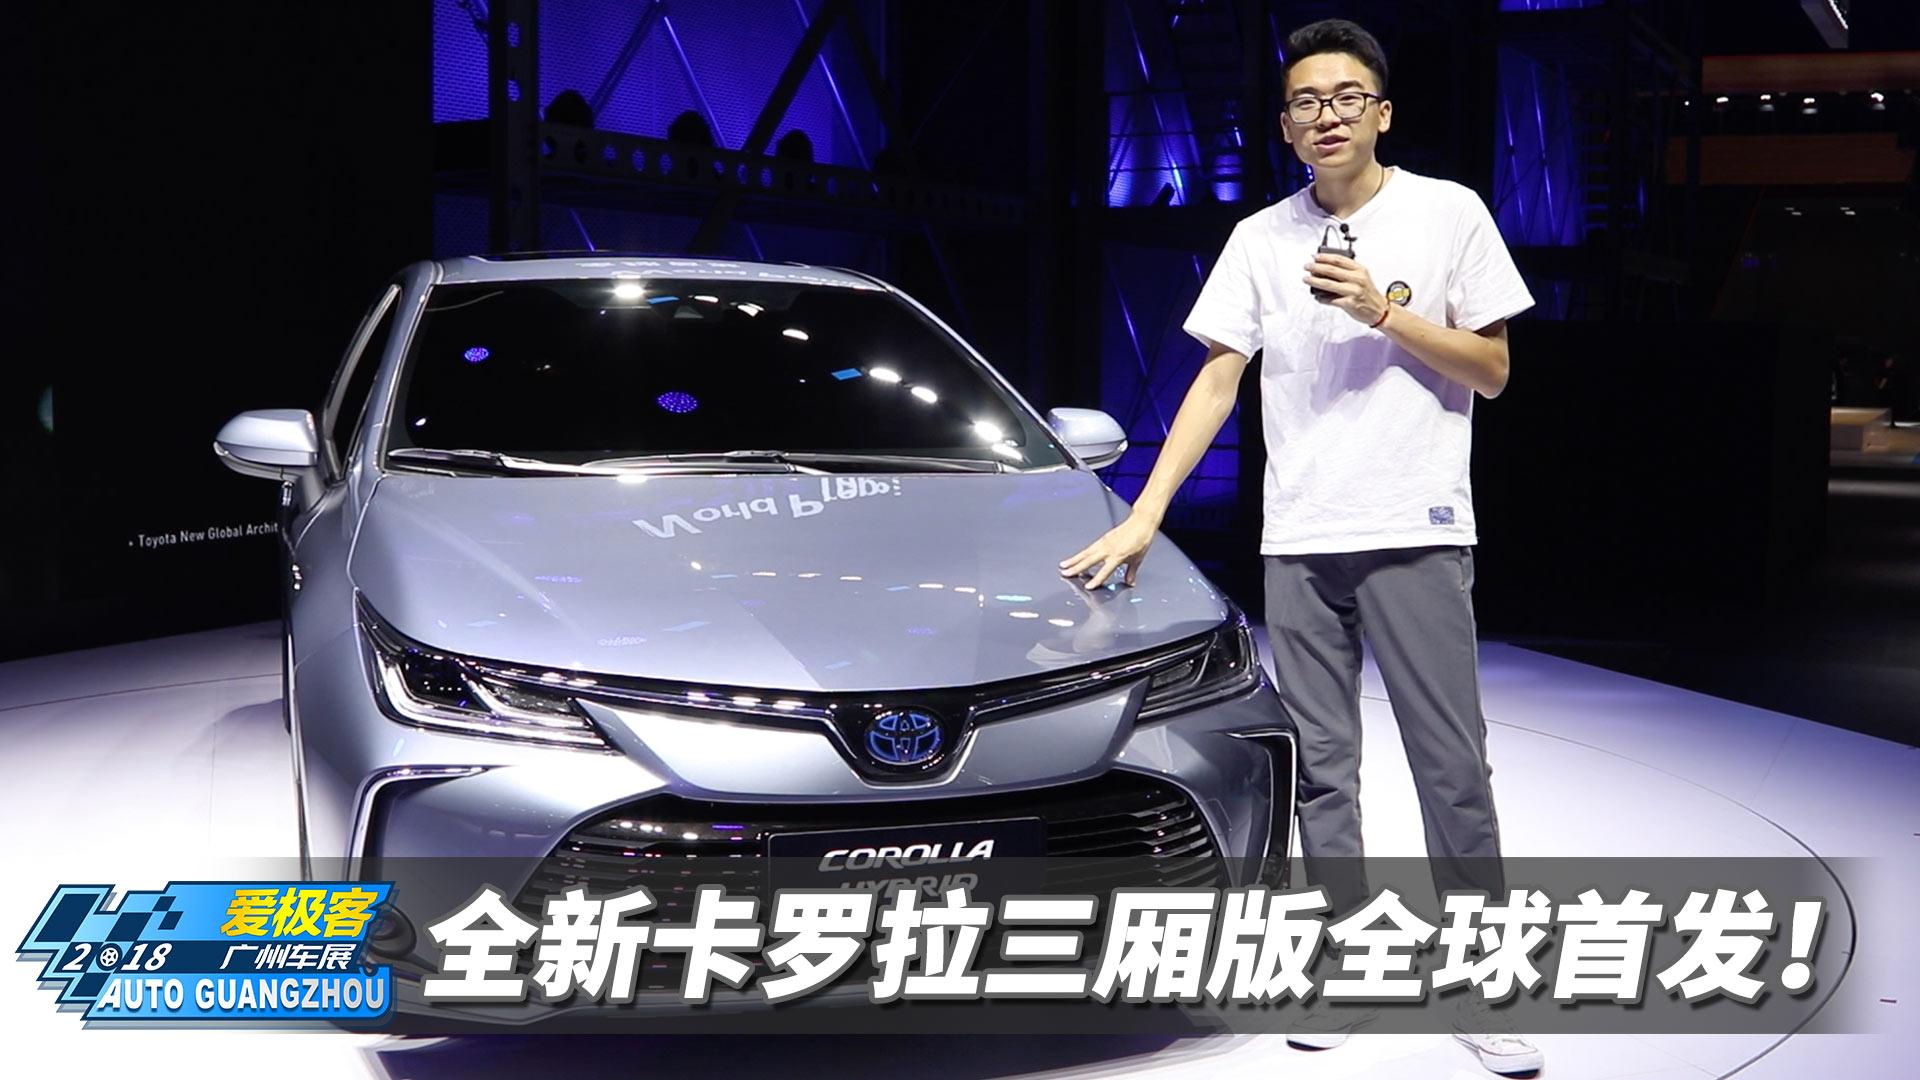 全新卡罗拉三厢版全球首发!广州车展抢先体验!